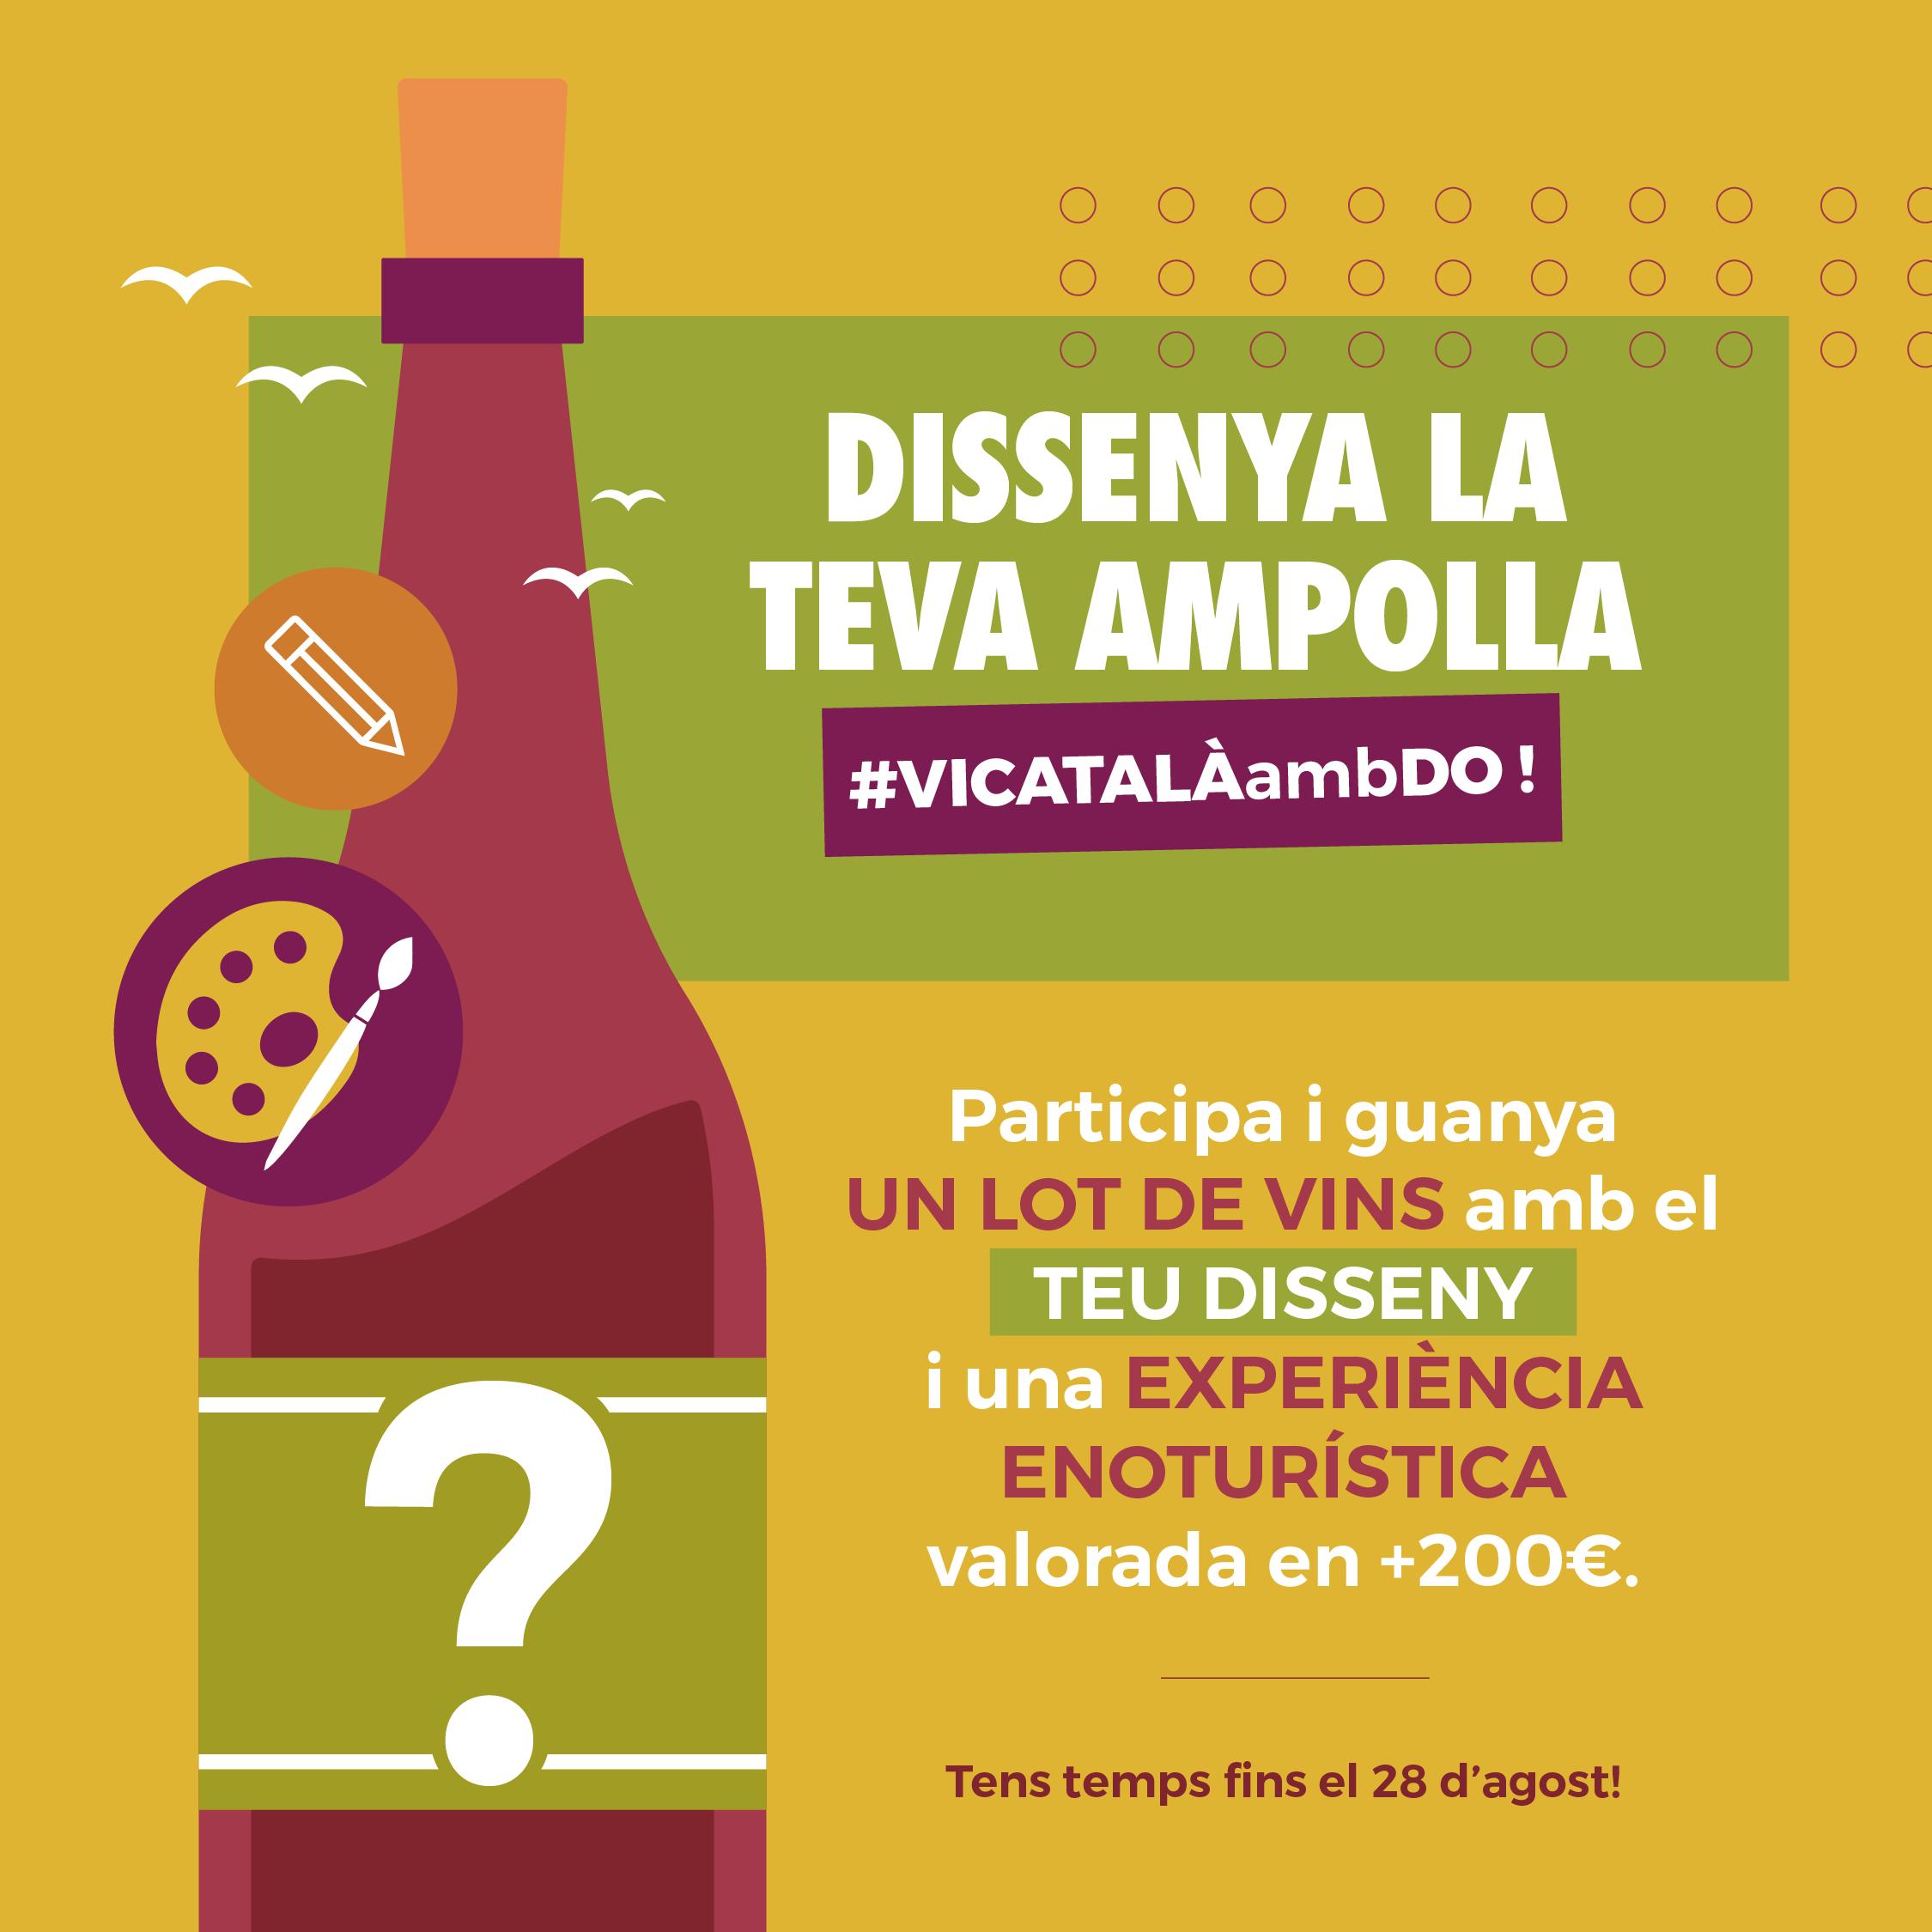 DDOO_DissenyaAmpolla-01